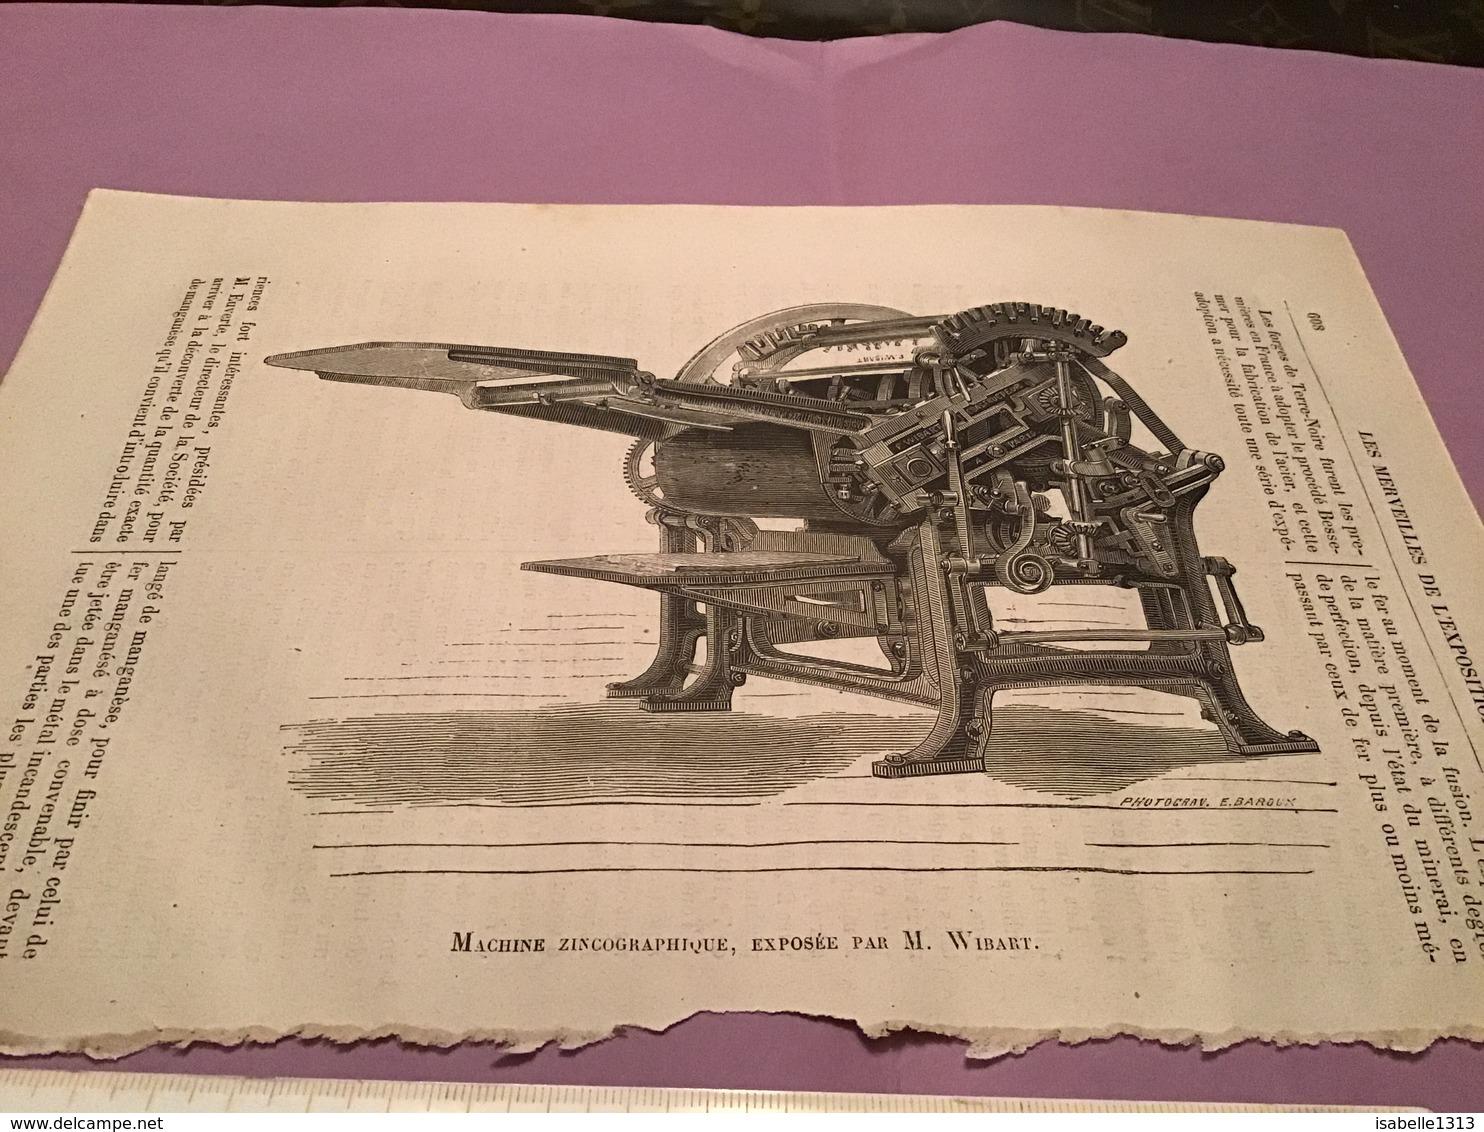 Une Image Du Live Les Merveille De L'exposition  Machine Zincographique Expose Par Wibart - Machines